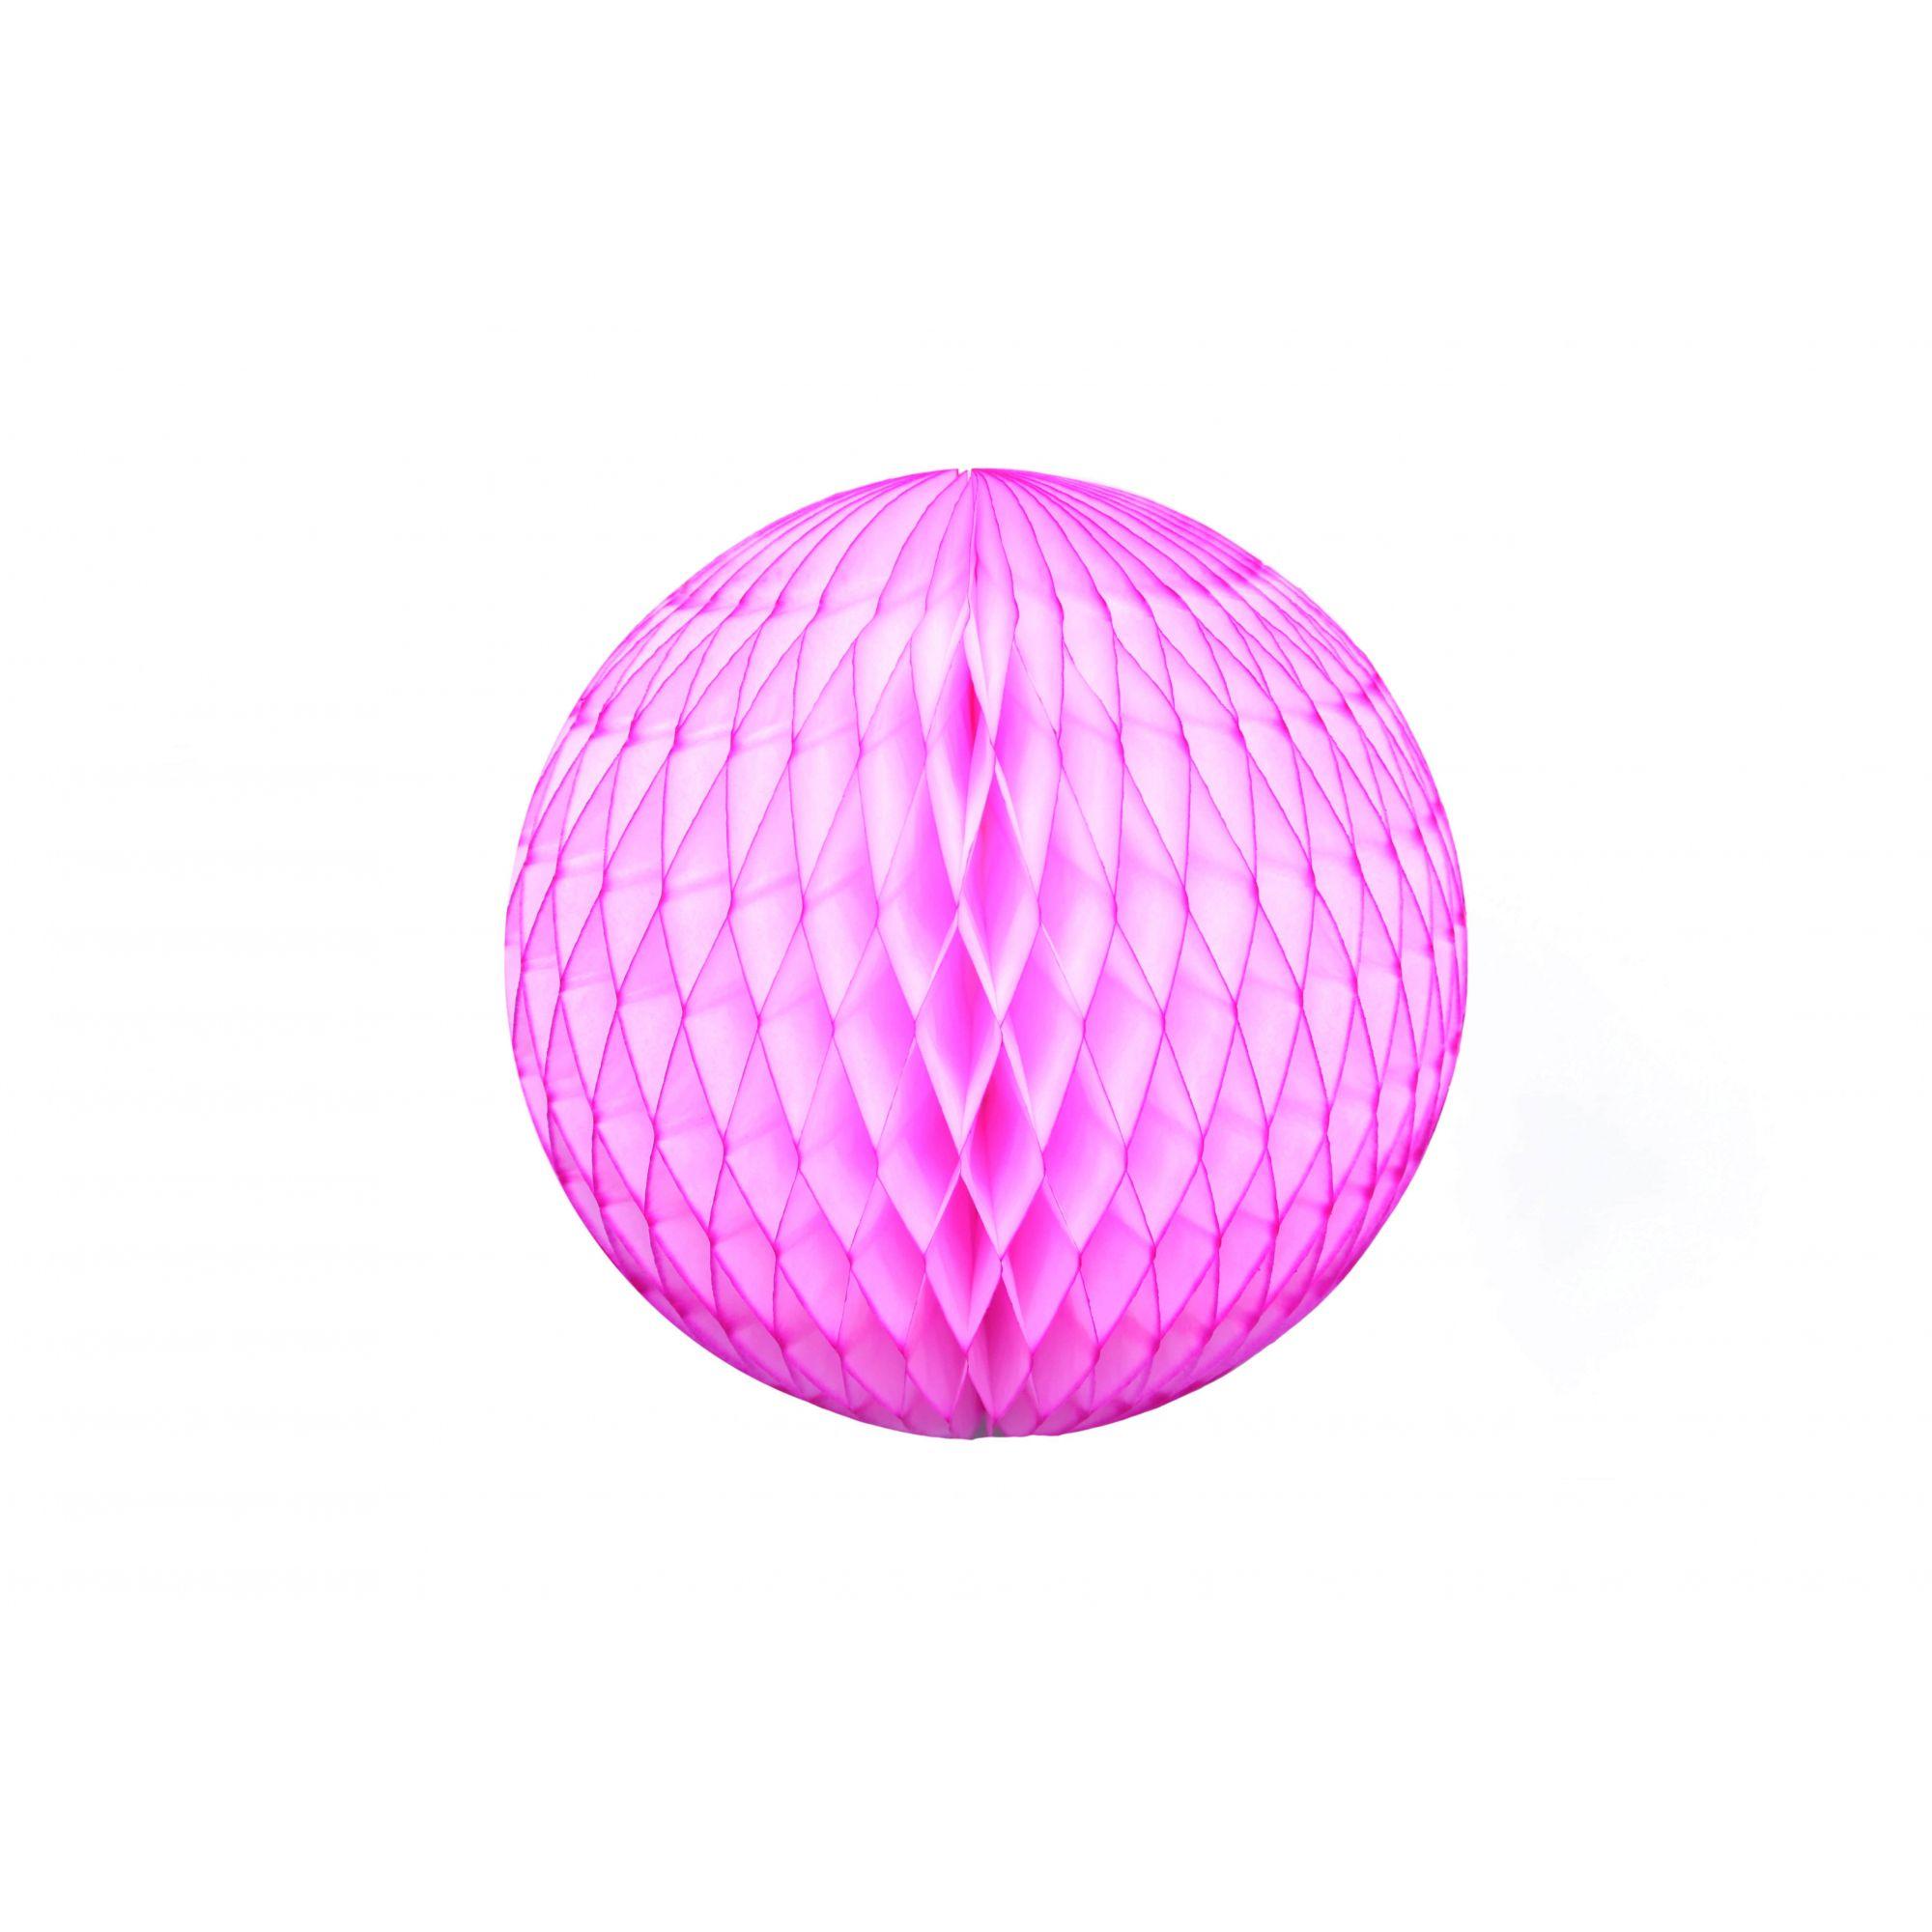 Balão GLOBO Bola de Papel de seda Cor Rosa Choque GiroToy Enfeites